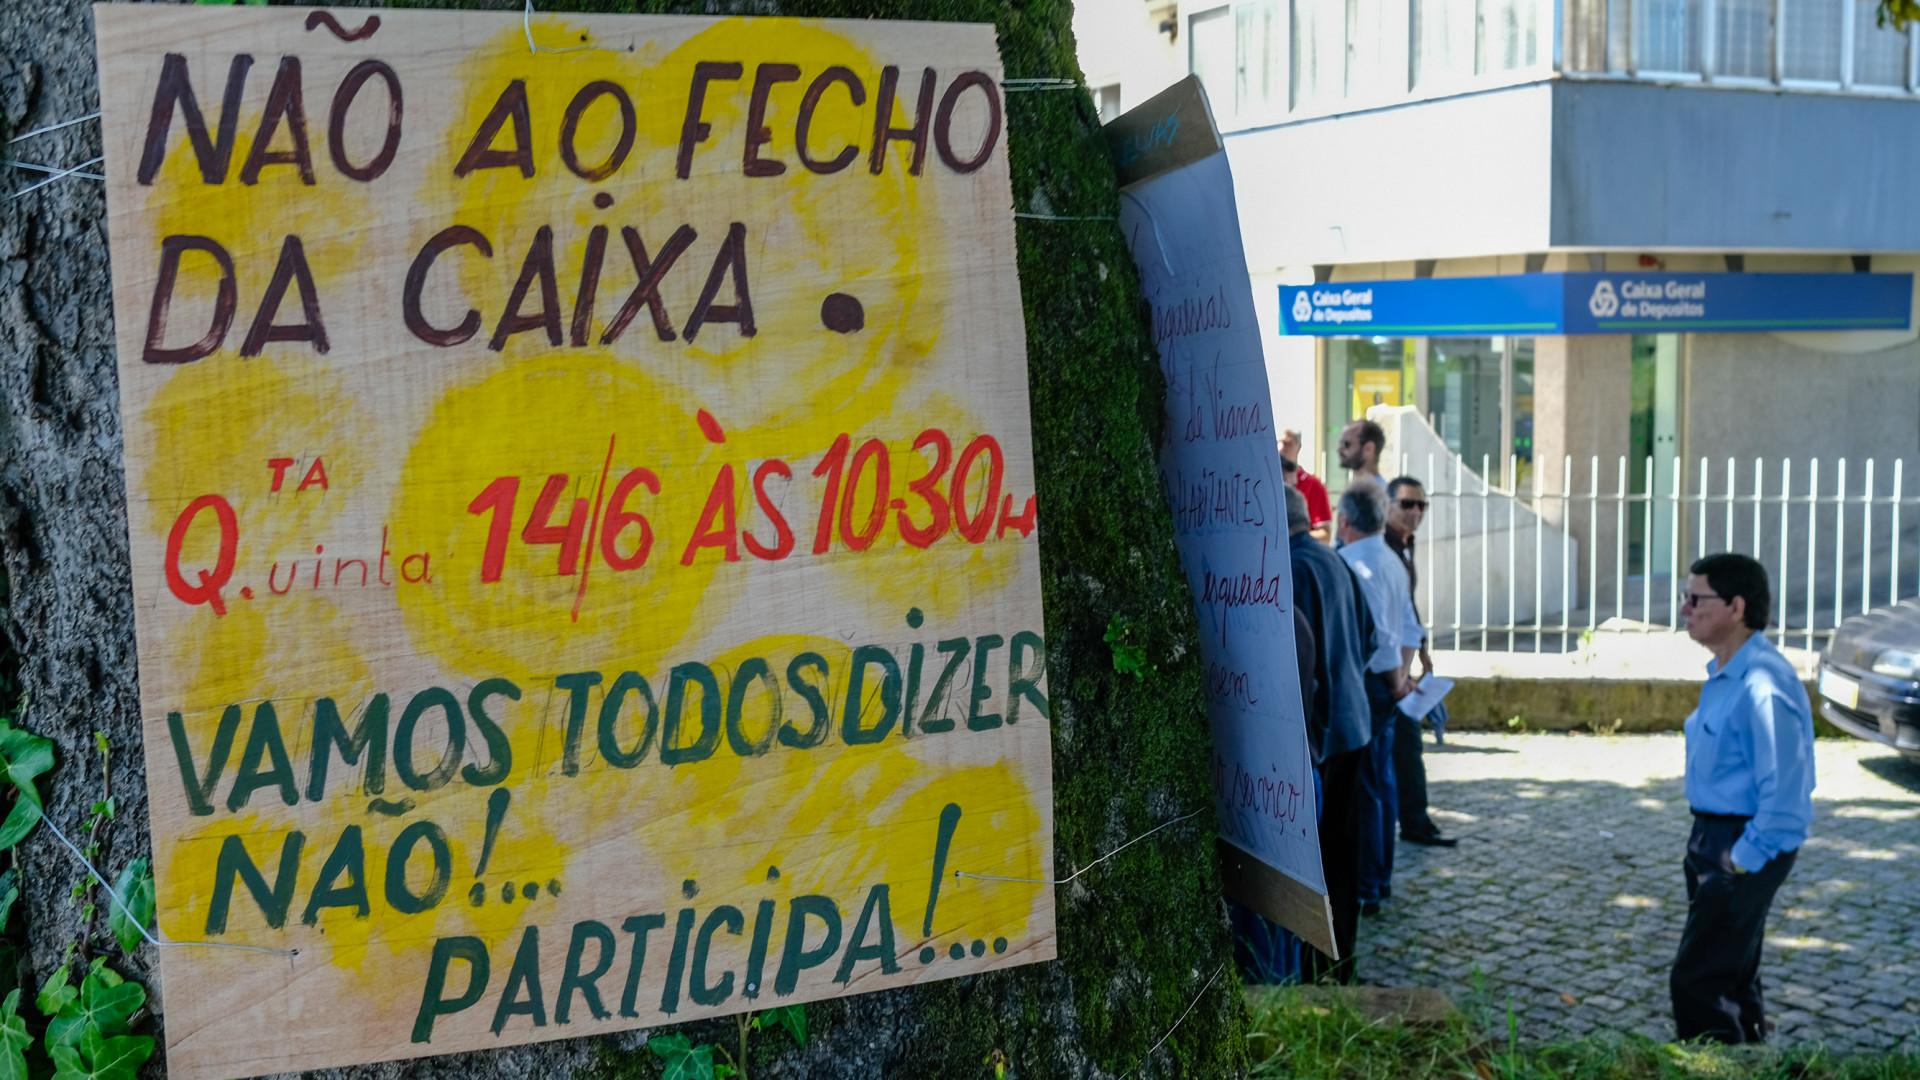 Empresários de Viana dizem que fecho da CGD de Darque é erro estratégico